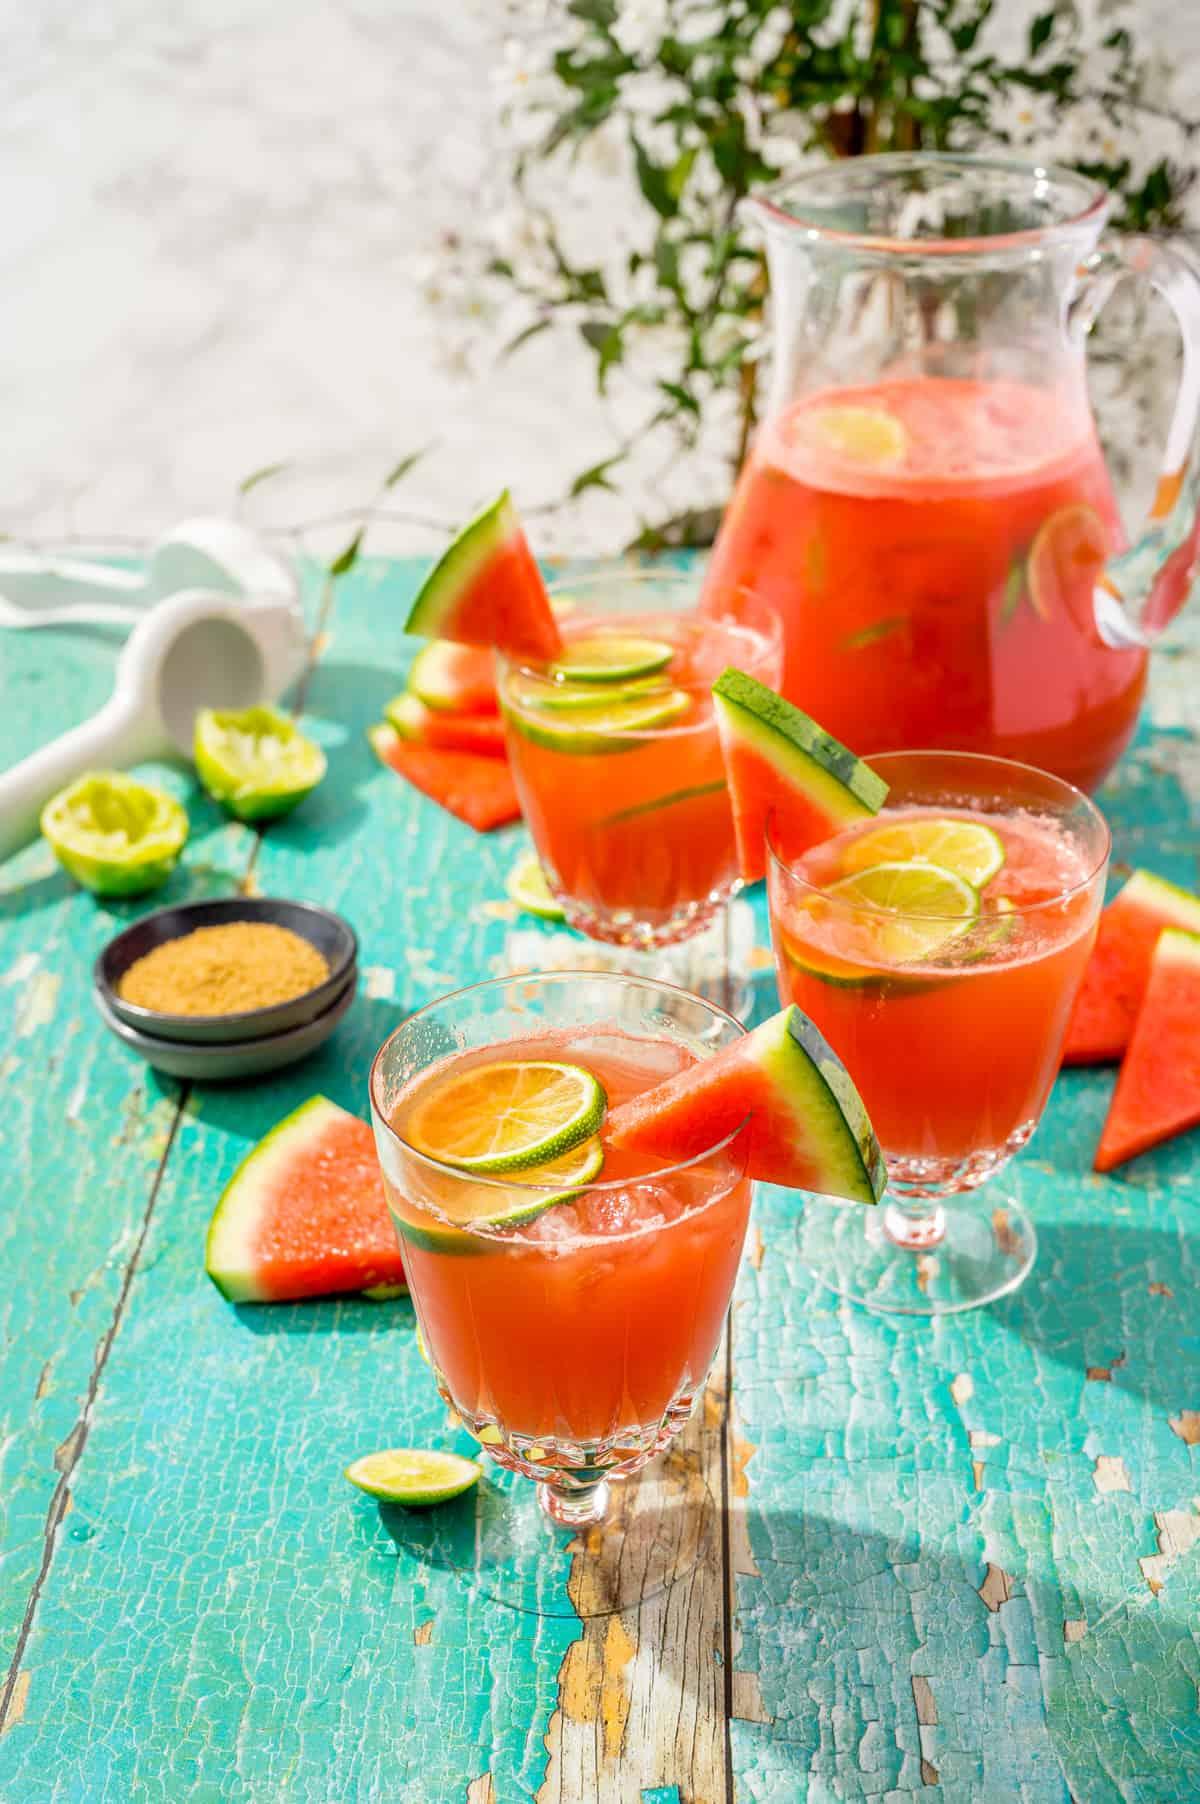 Wassermelonen-Cocktail in drei Gläsern auf Sonnigem Tisch